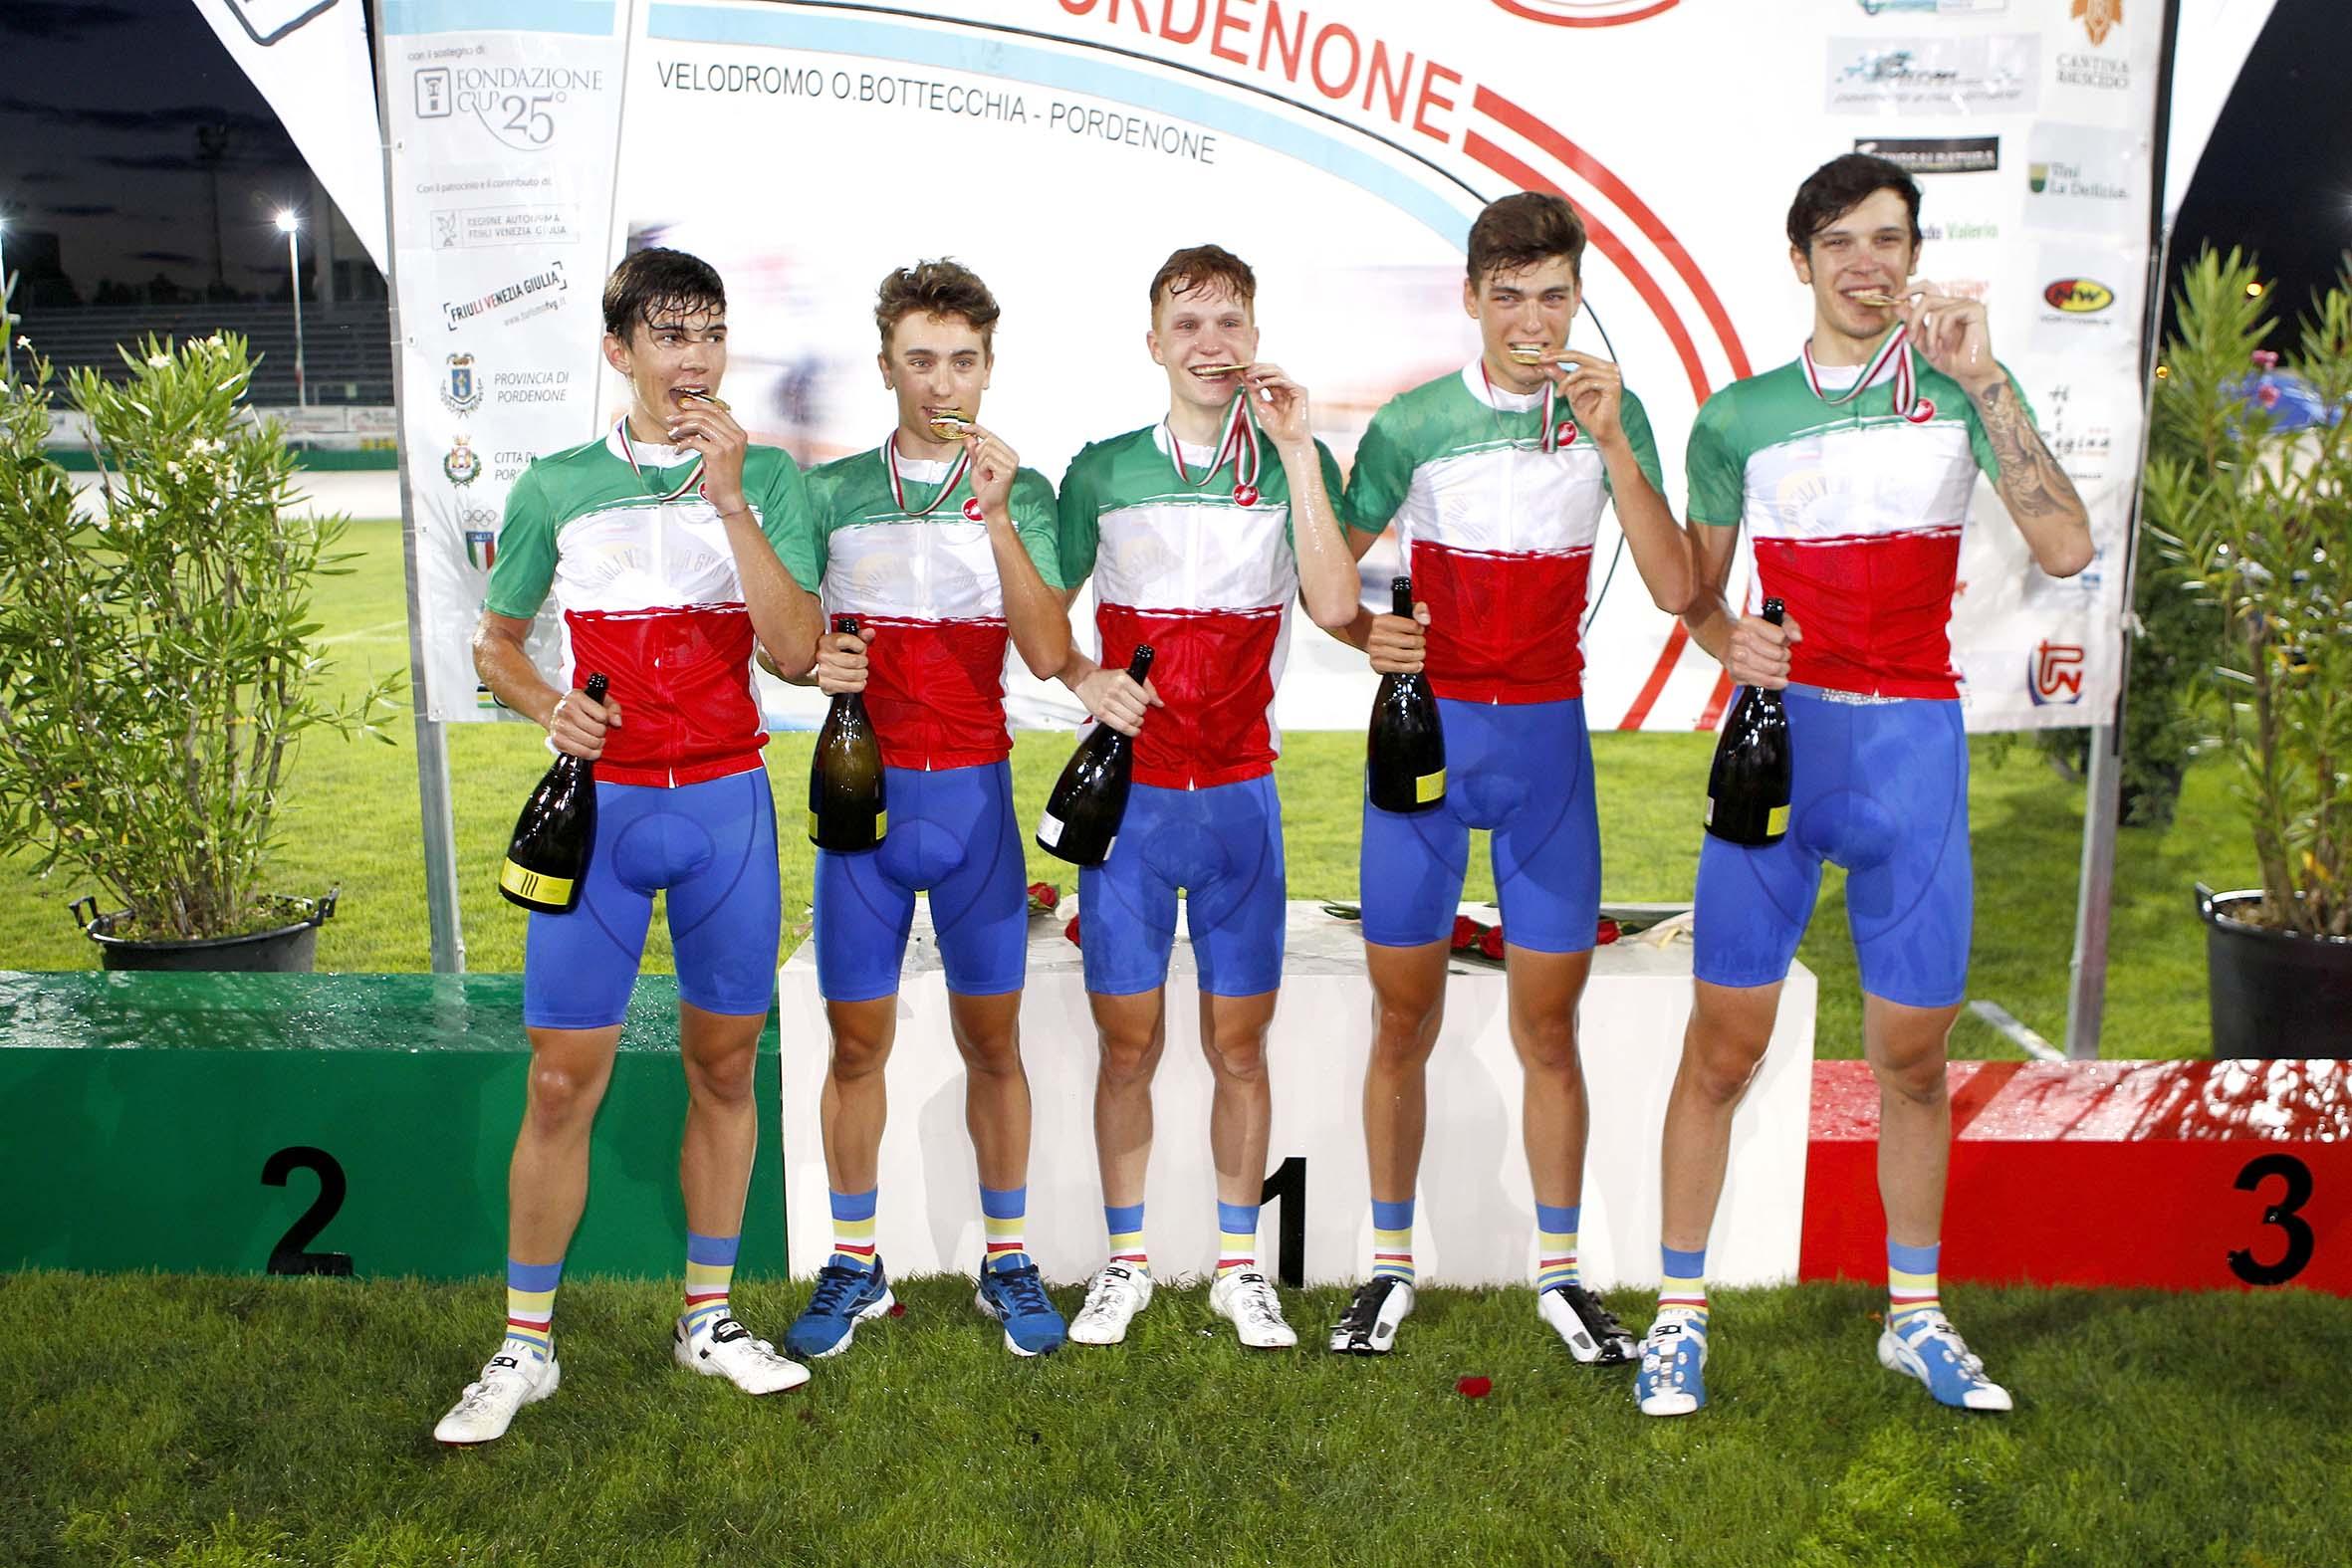 campioni italiani juniores_fotobolgan